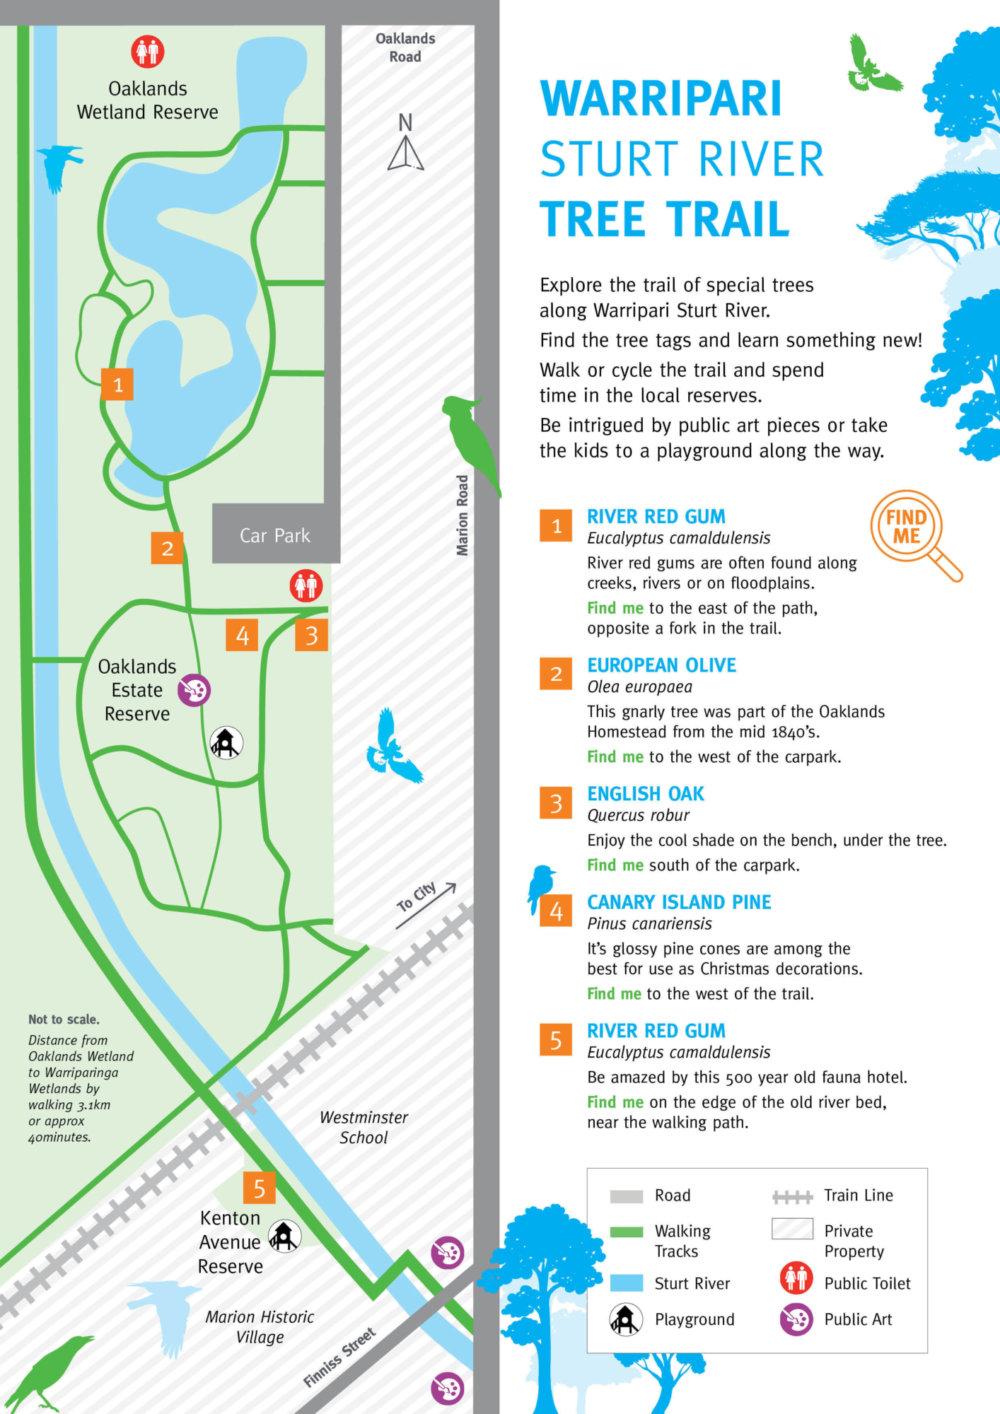 Warripari Sturt River Tree Trail Map 1